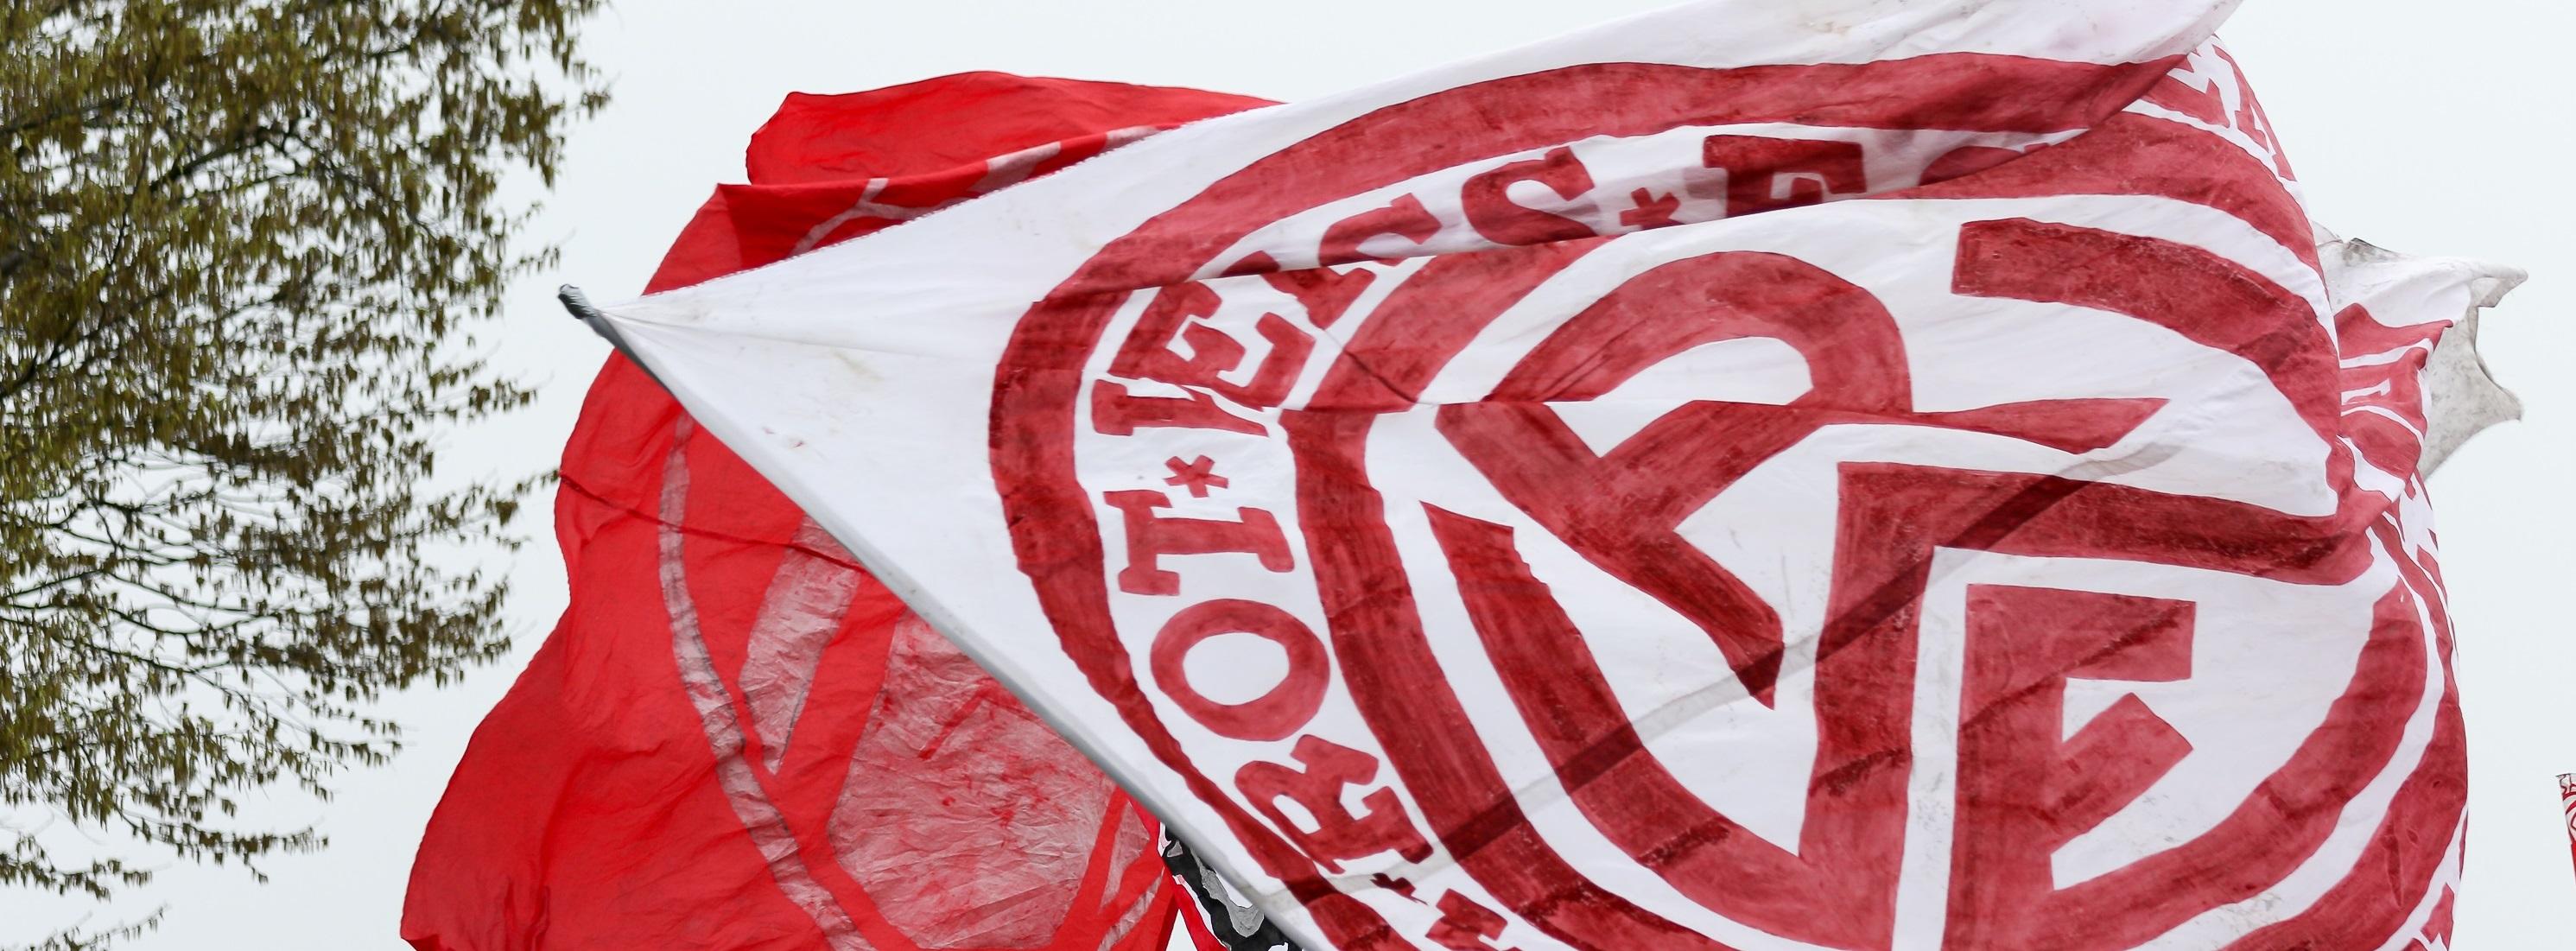 Rot-Weiss Essen beantragt eine sportliche Austragung der Liga-Entscheidung. (Foto: Endberg)